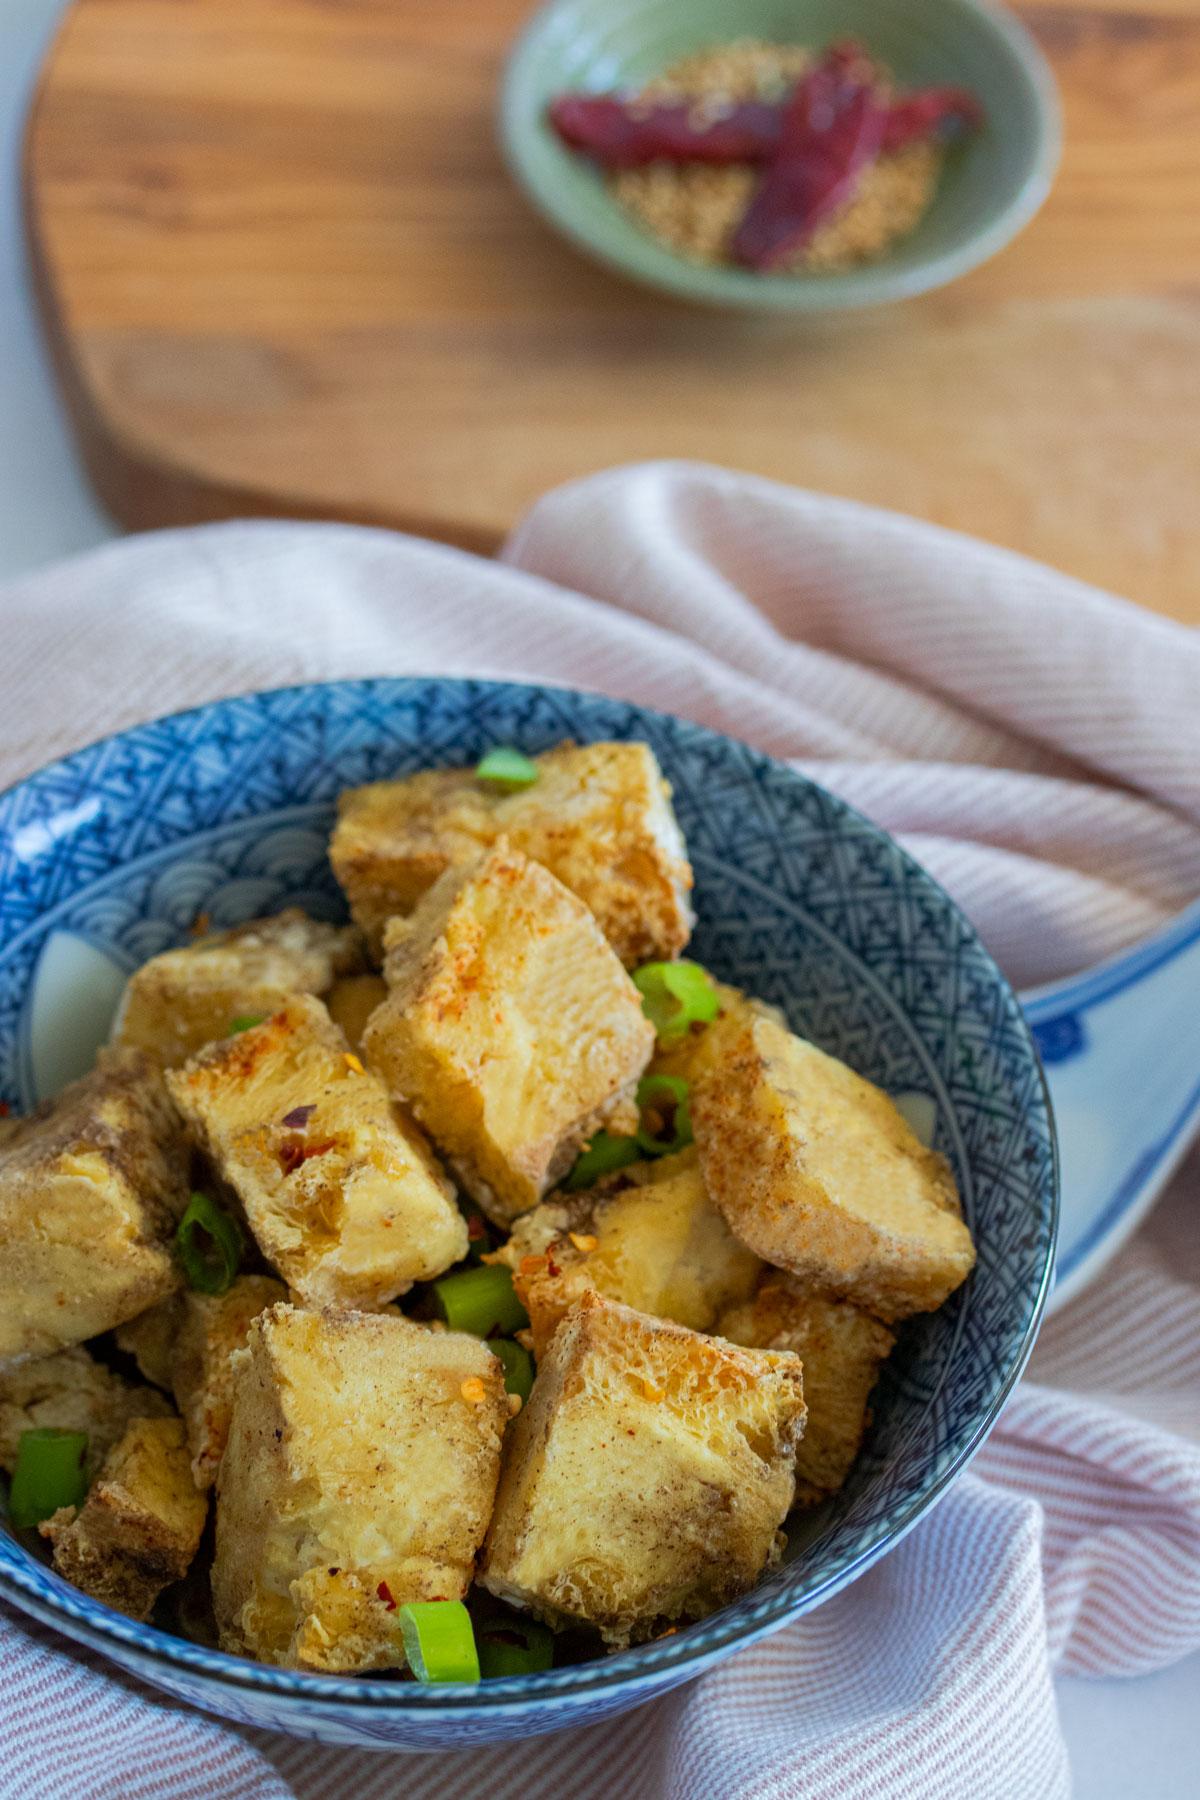 salt and pepper tofu in blue bowl